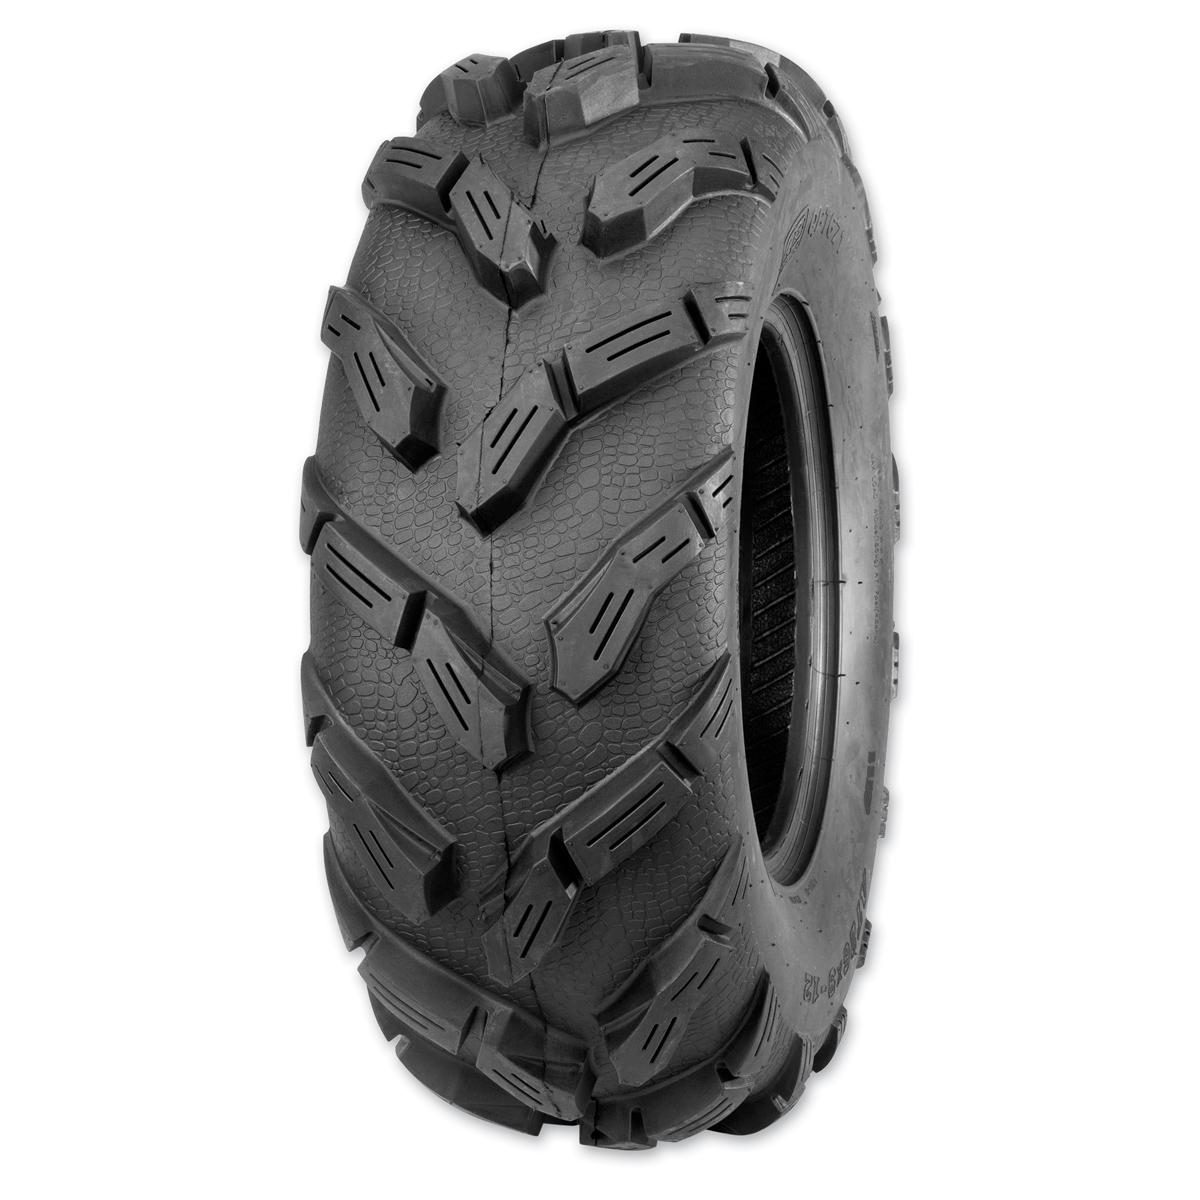 Quadboss QBT671 26X9-12 6-Ply Front Tire